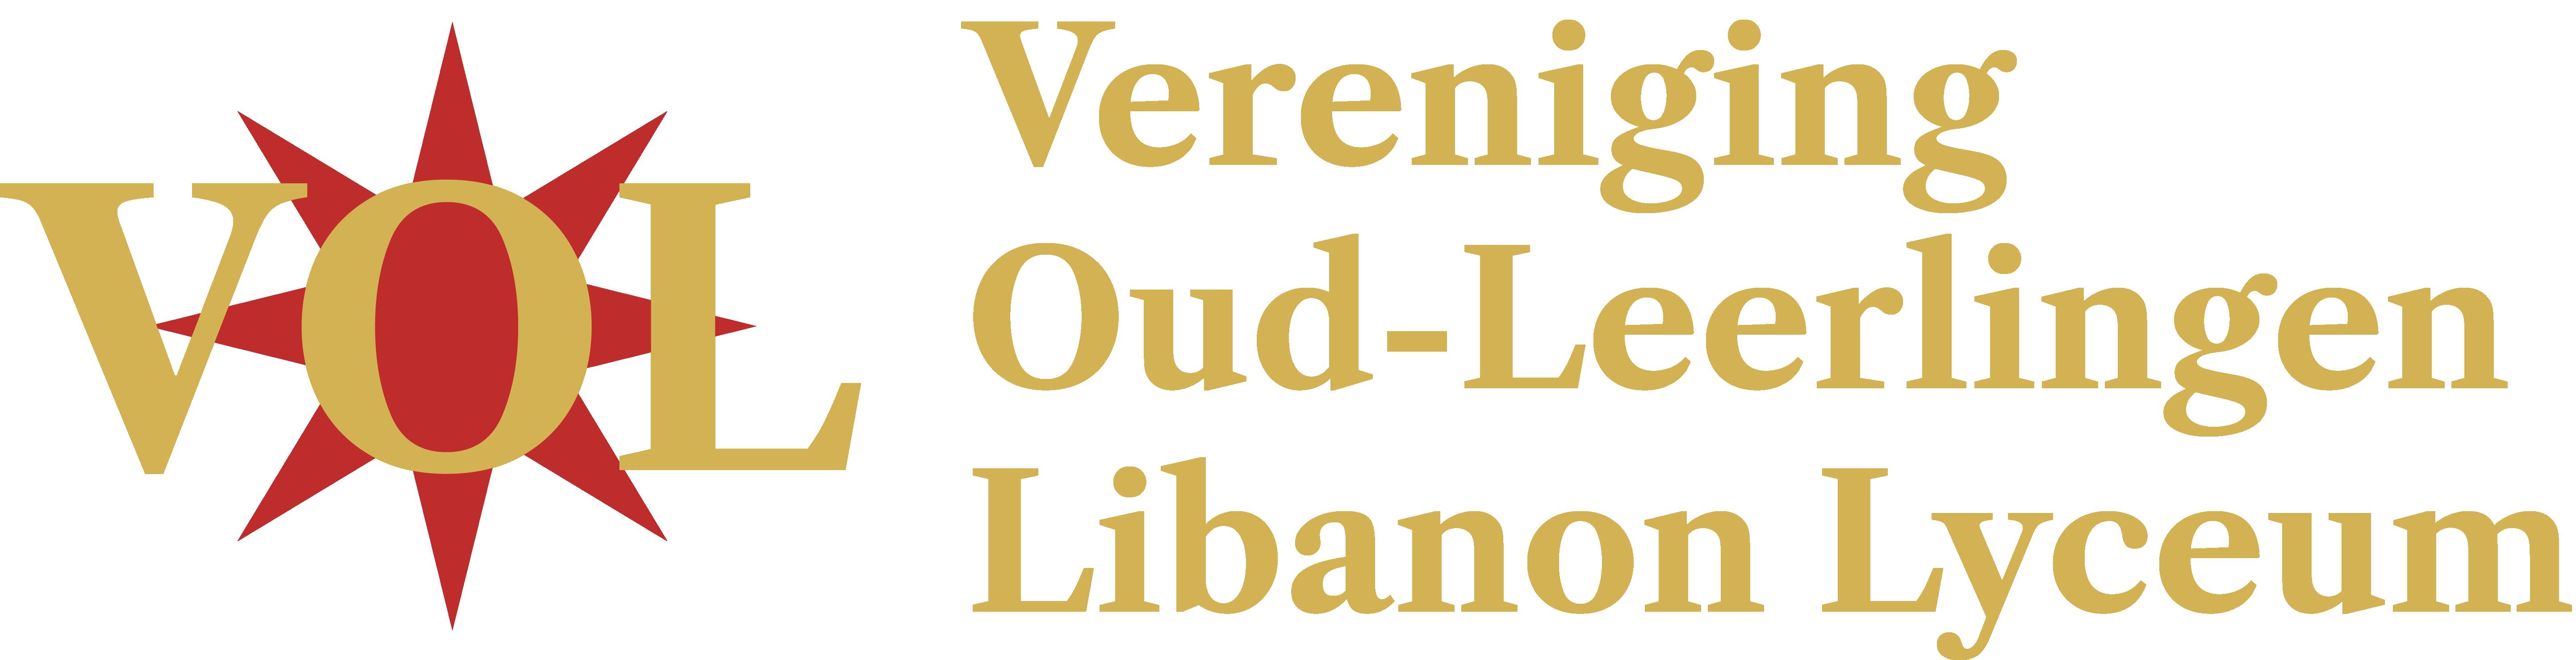 Vereniging Oud-Leerlingen Libanon Lyceum logo